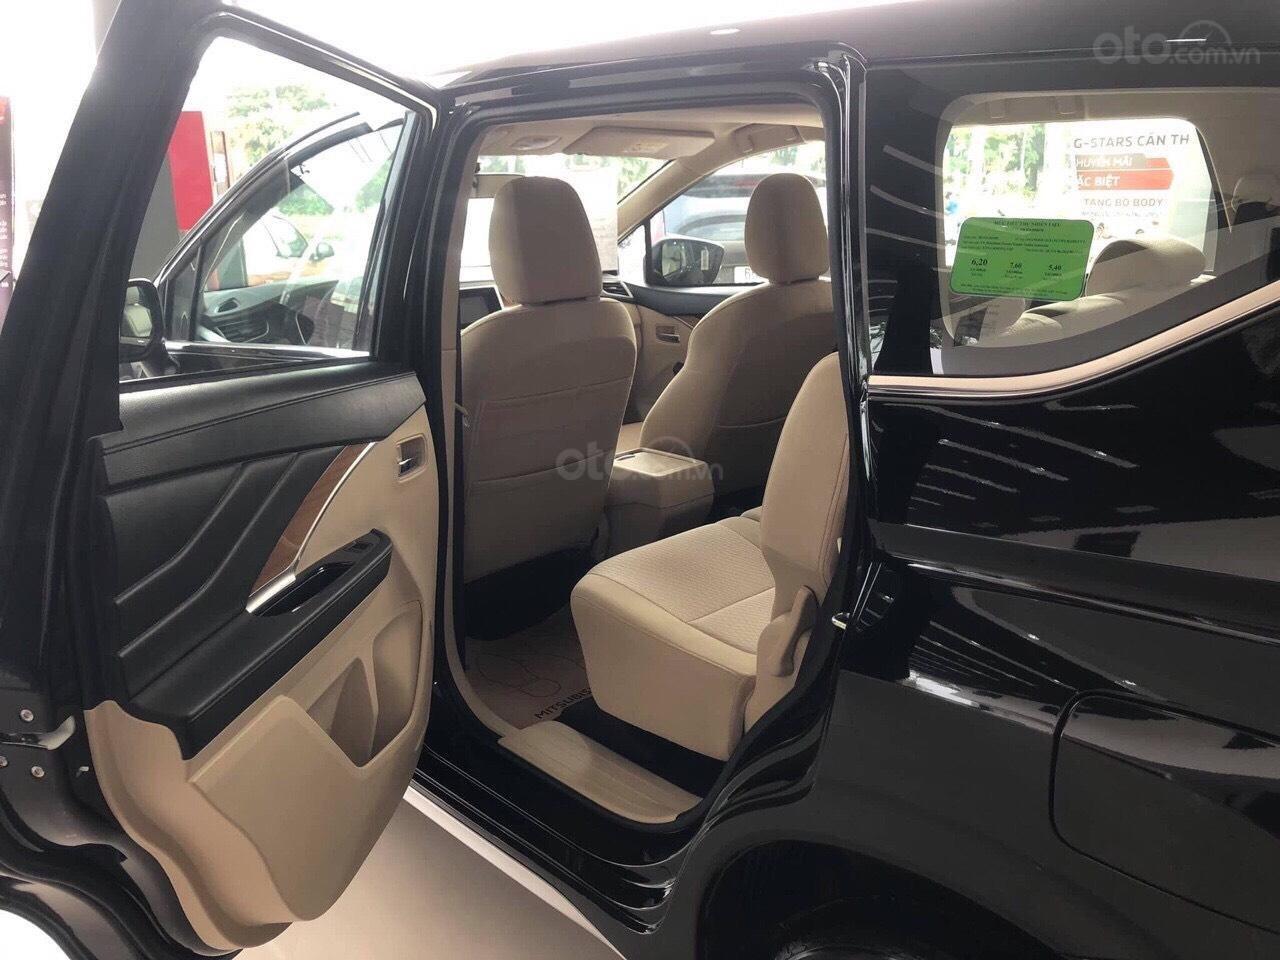 Xe Xpander khuyến mãi, giao xe trước tết, cho vay 80% (4)